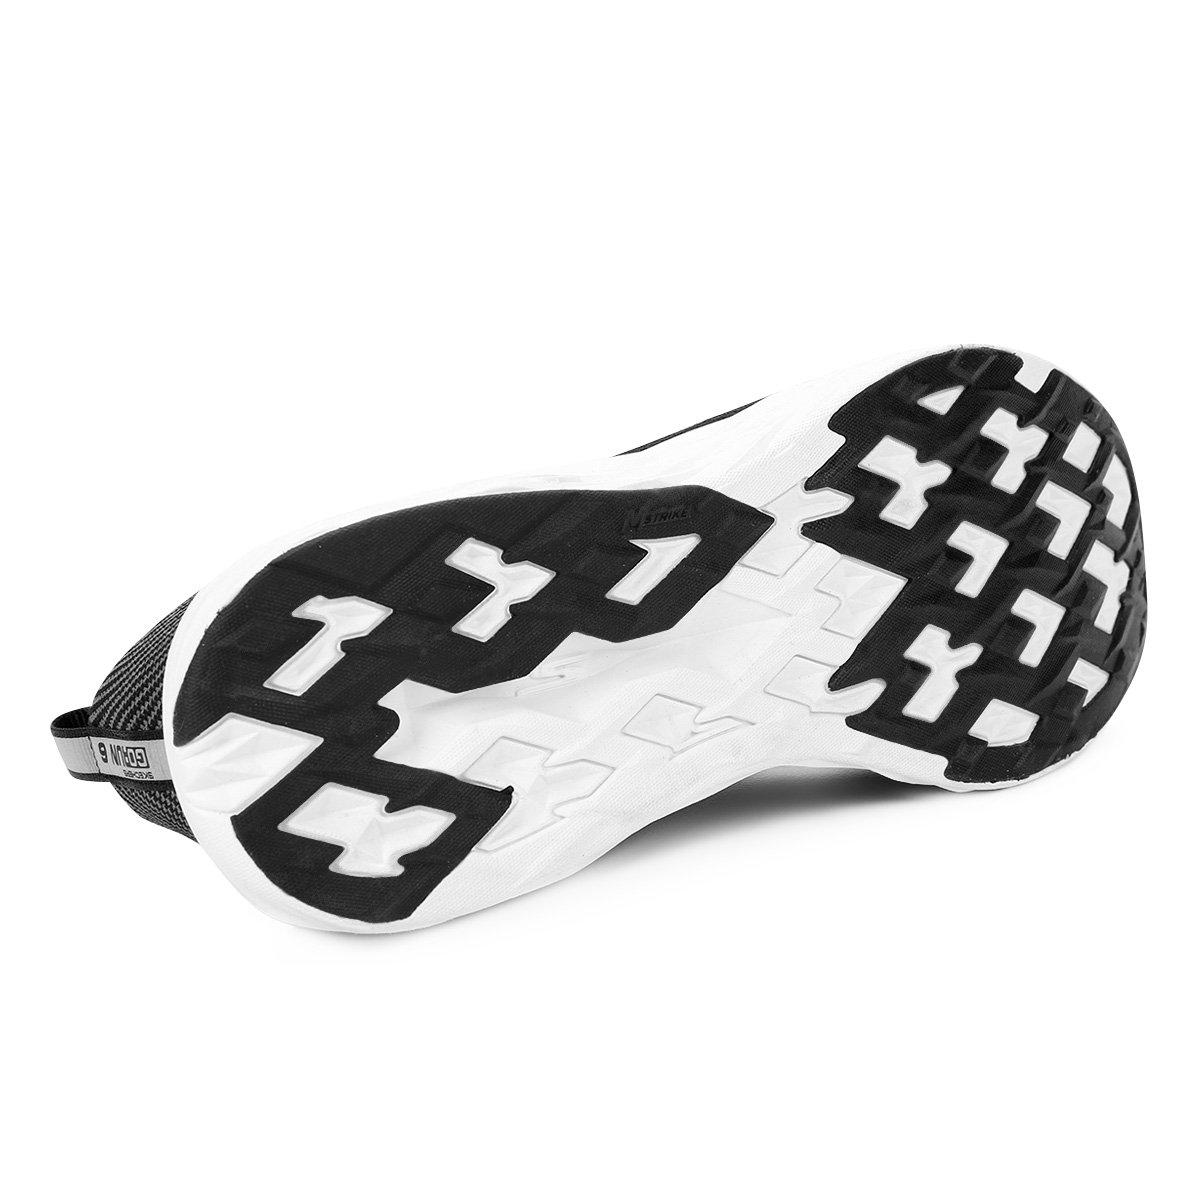 1dd3a72e20 ... Tênis Skechers Go Run 6 Masculino - Preto e Branco - Compre Agora .